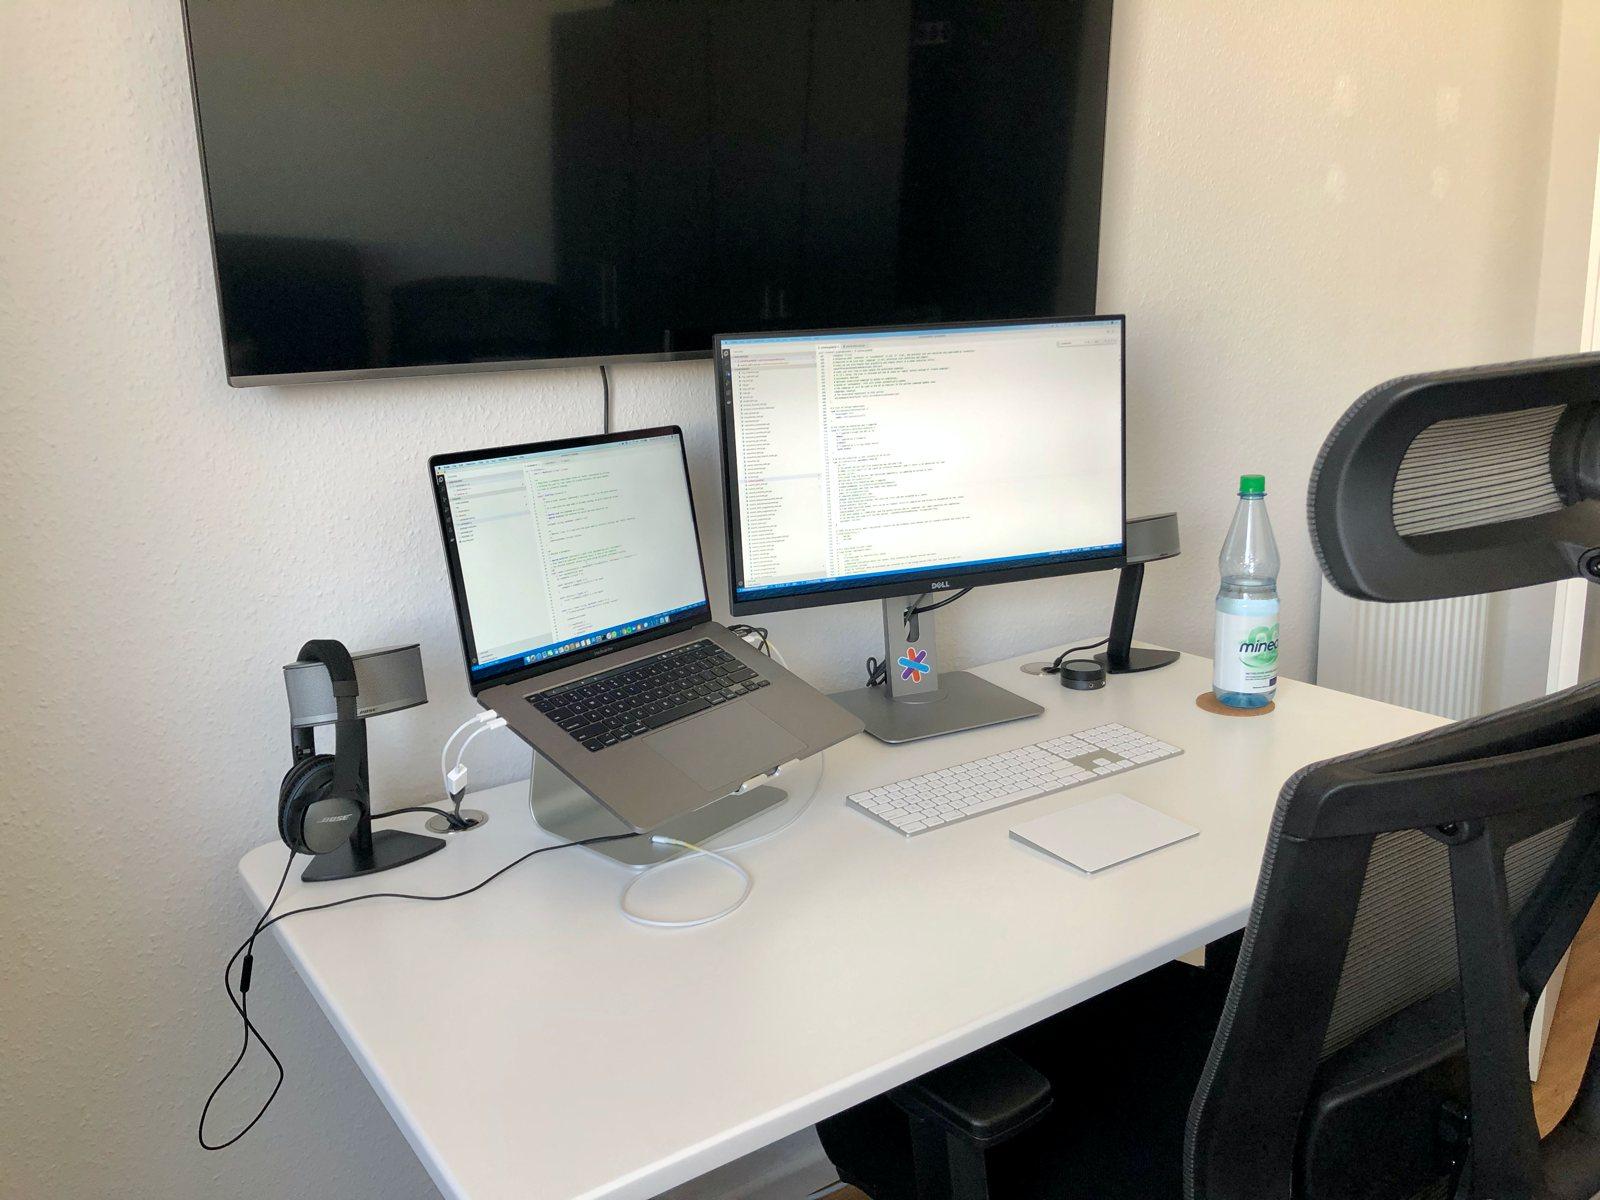 Home office setup of Erik Seliger, software engineer